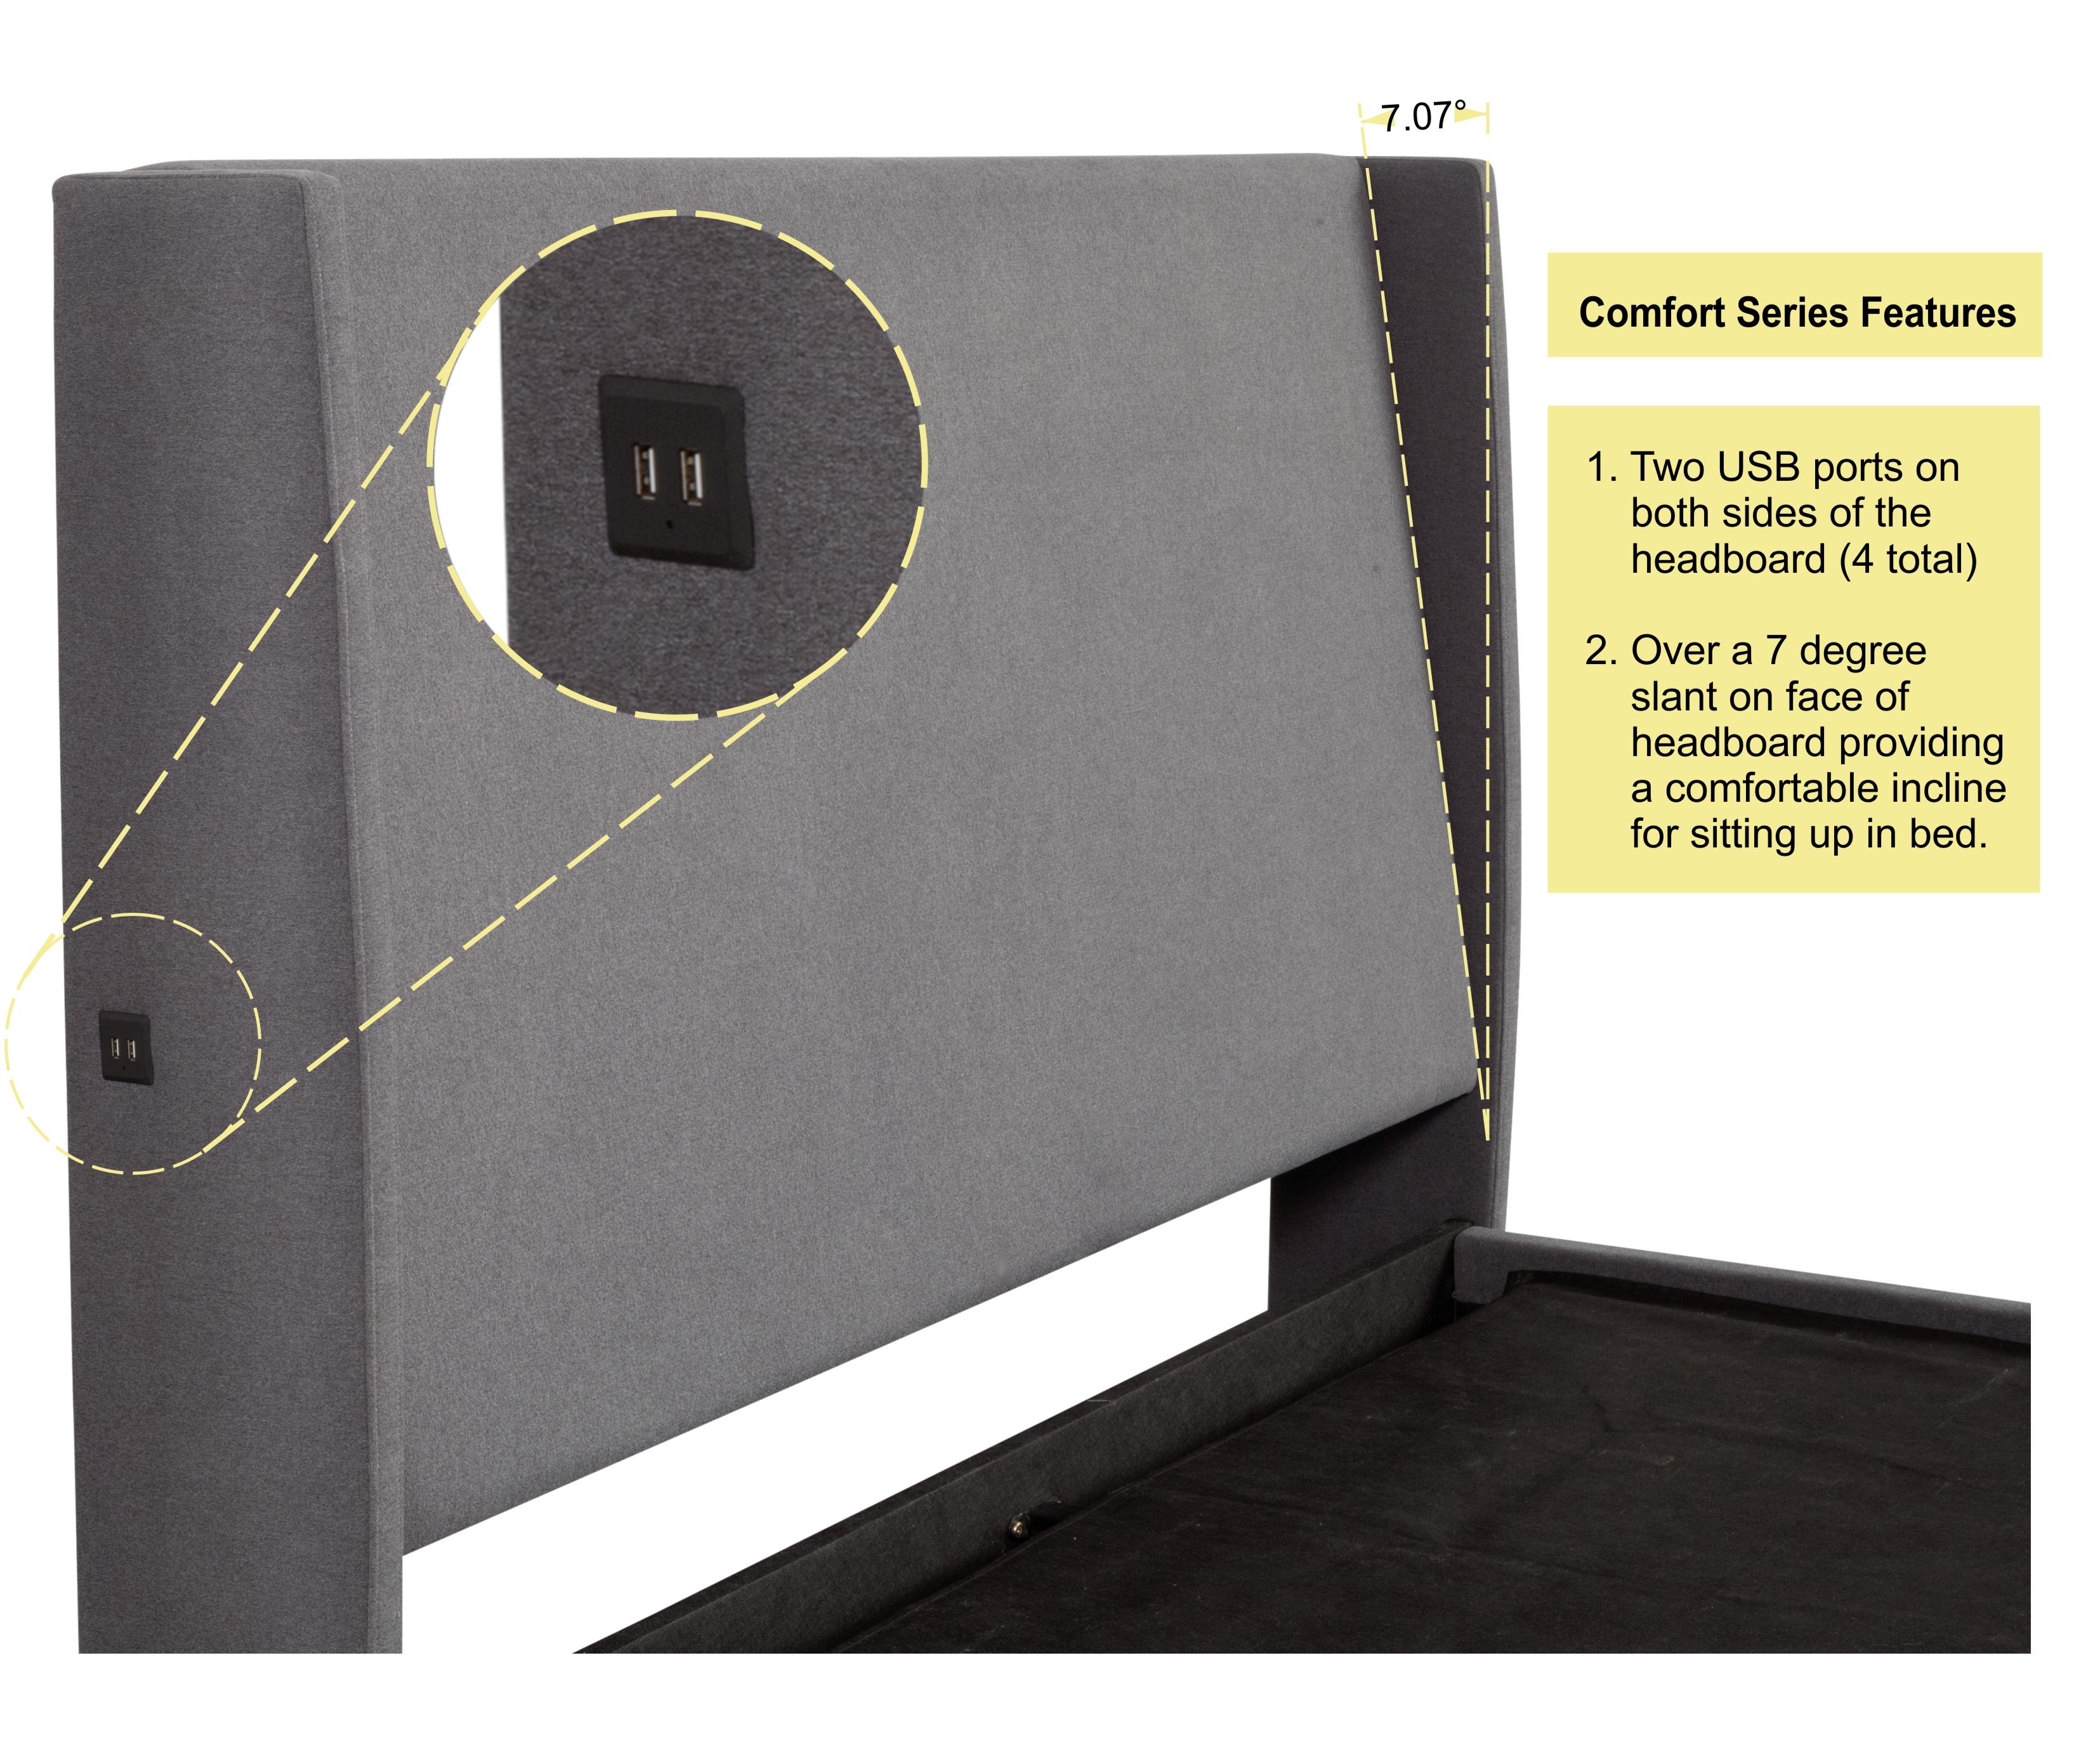 Comfort HB Features